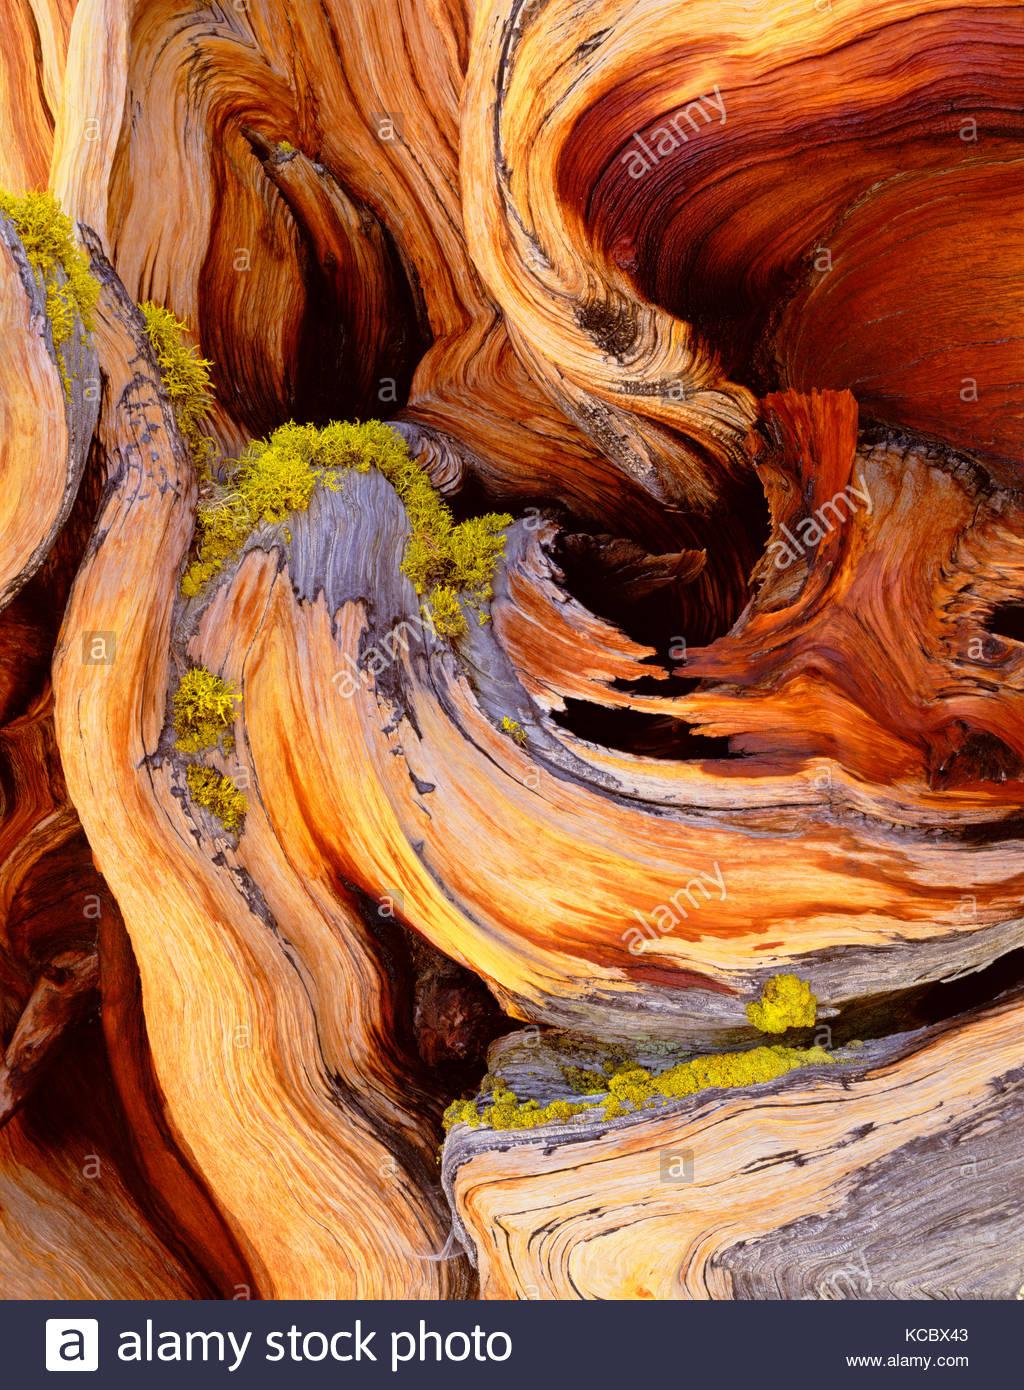 Dettaglio di antichi pini Bristlecone, Parco nazionale Great Basin, Nevada Immagini Stock